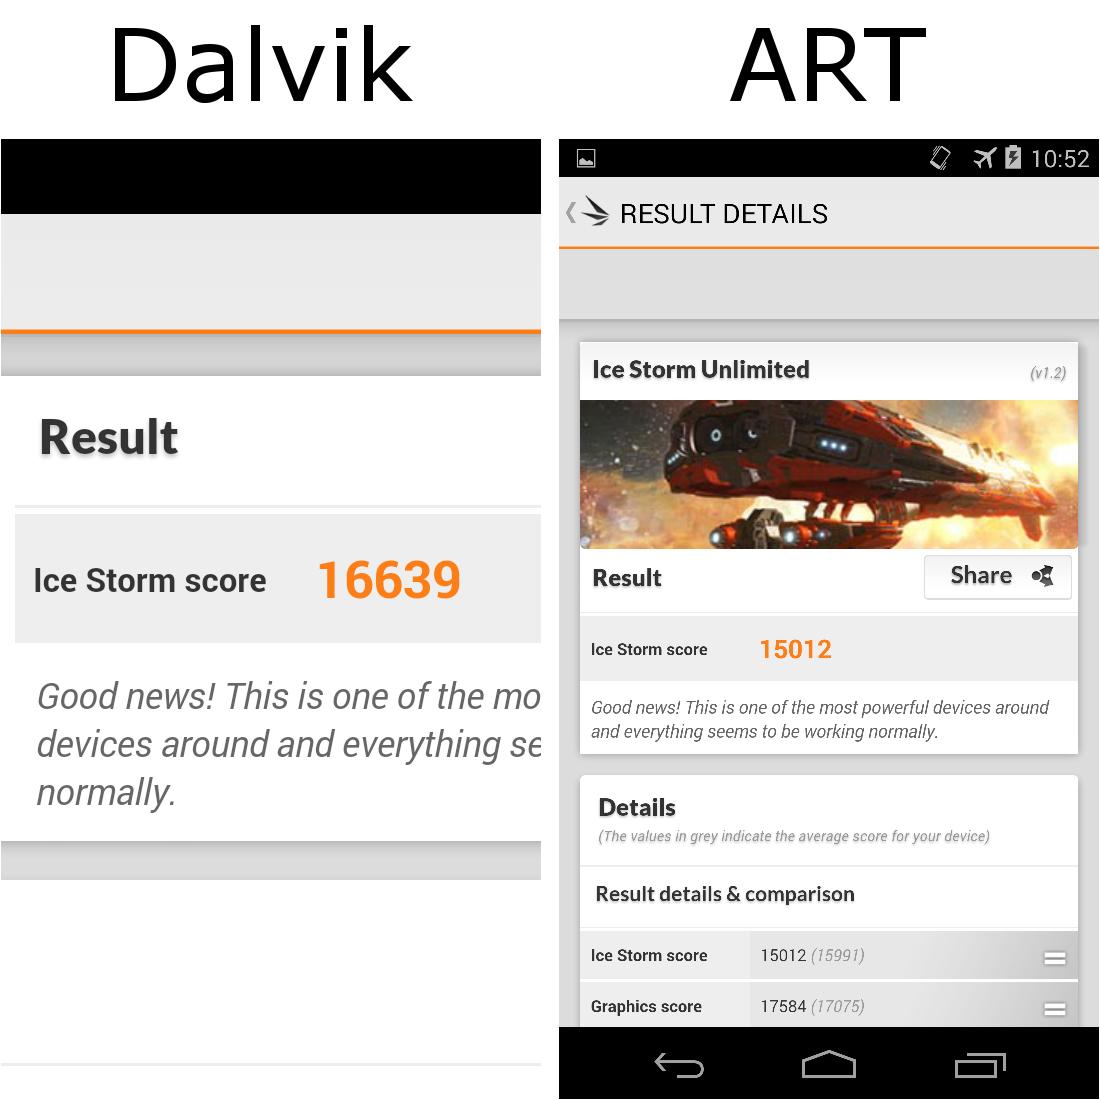 ART vs Dalvik